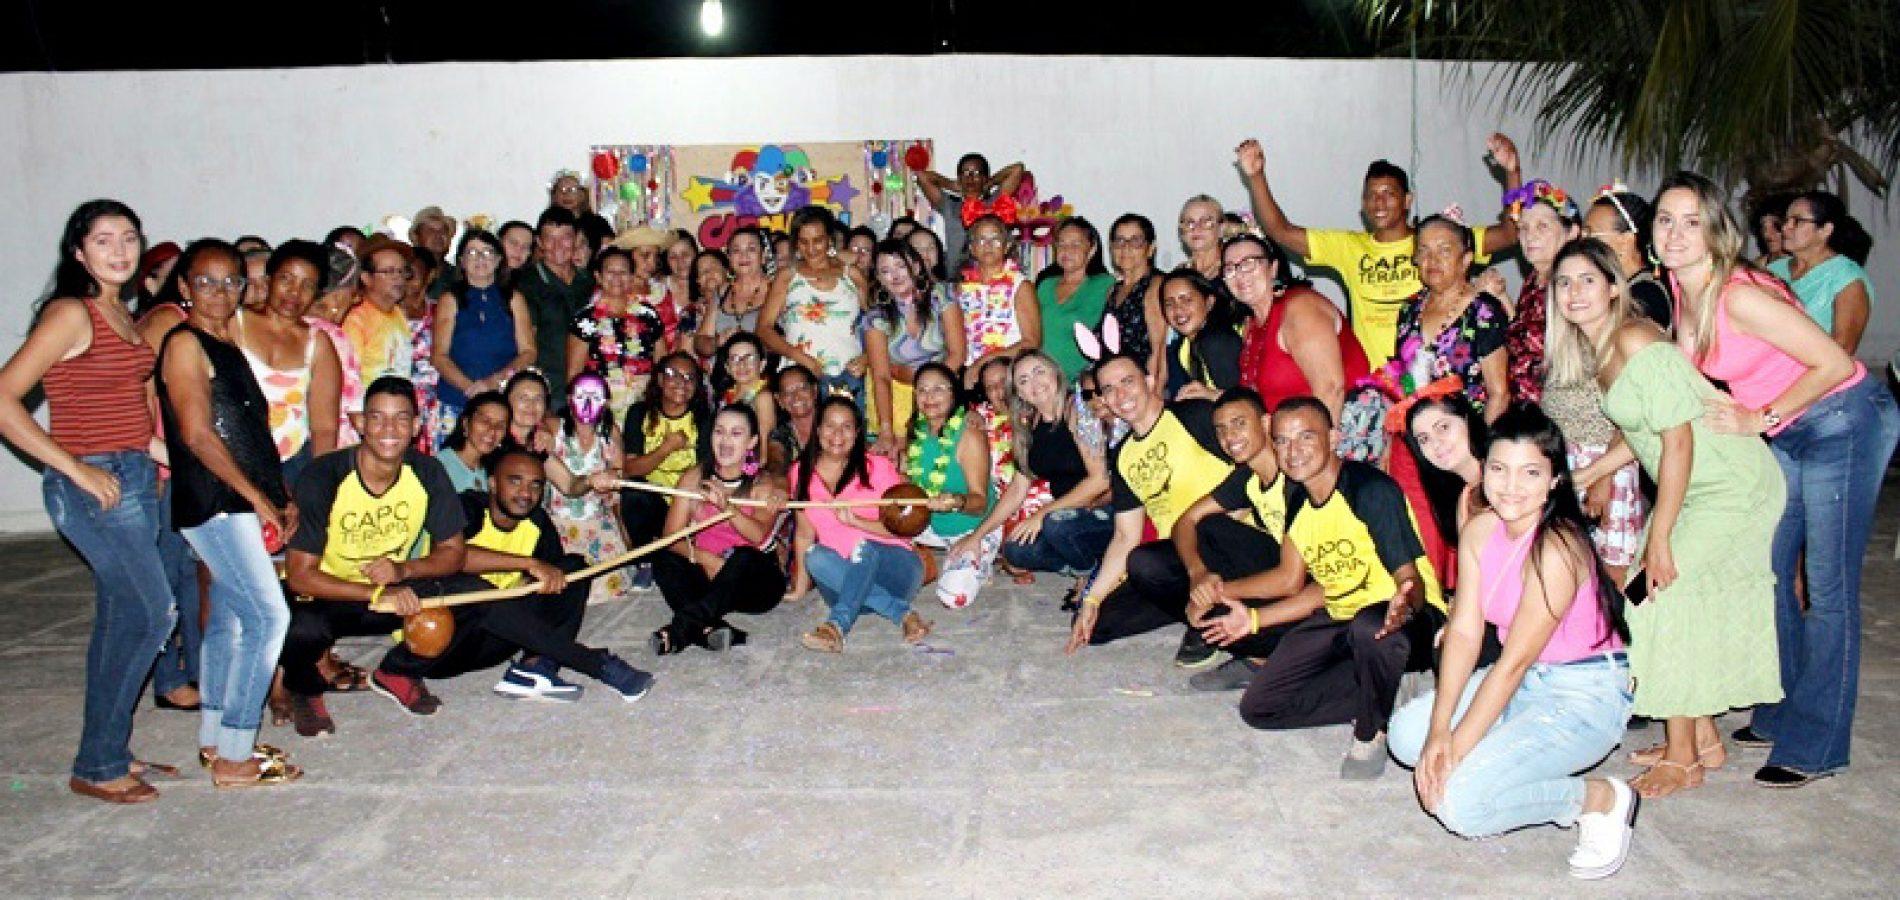 ALAGOINHA   Saúde realiza encontro festivo com o grupo Viver Bem em ritmo de carnaval